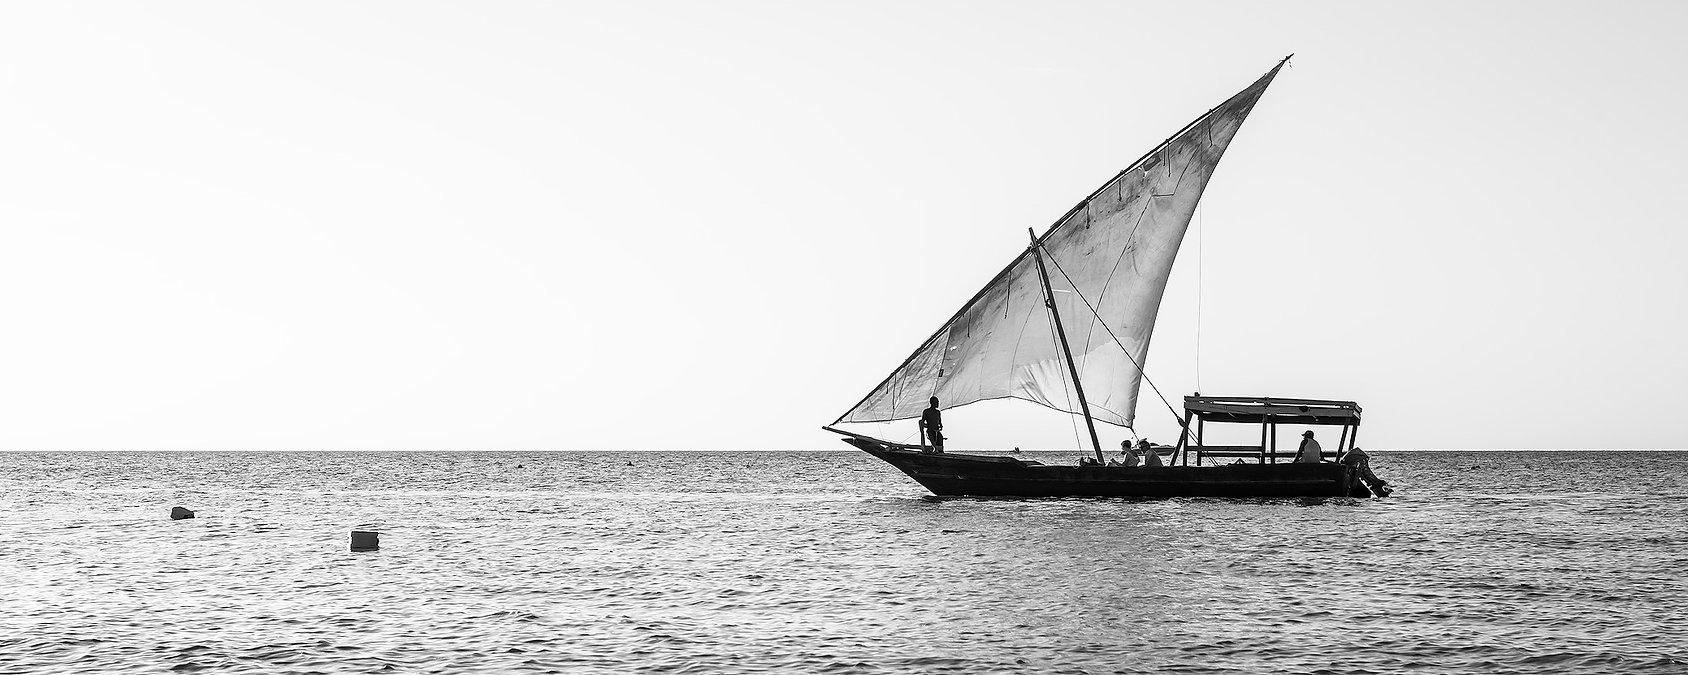 Zanzibar-Dhow-Boat-Photography.jpg